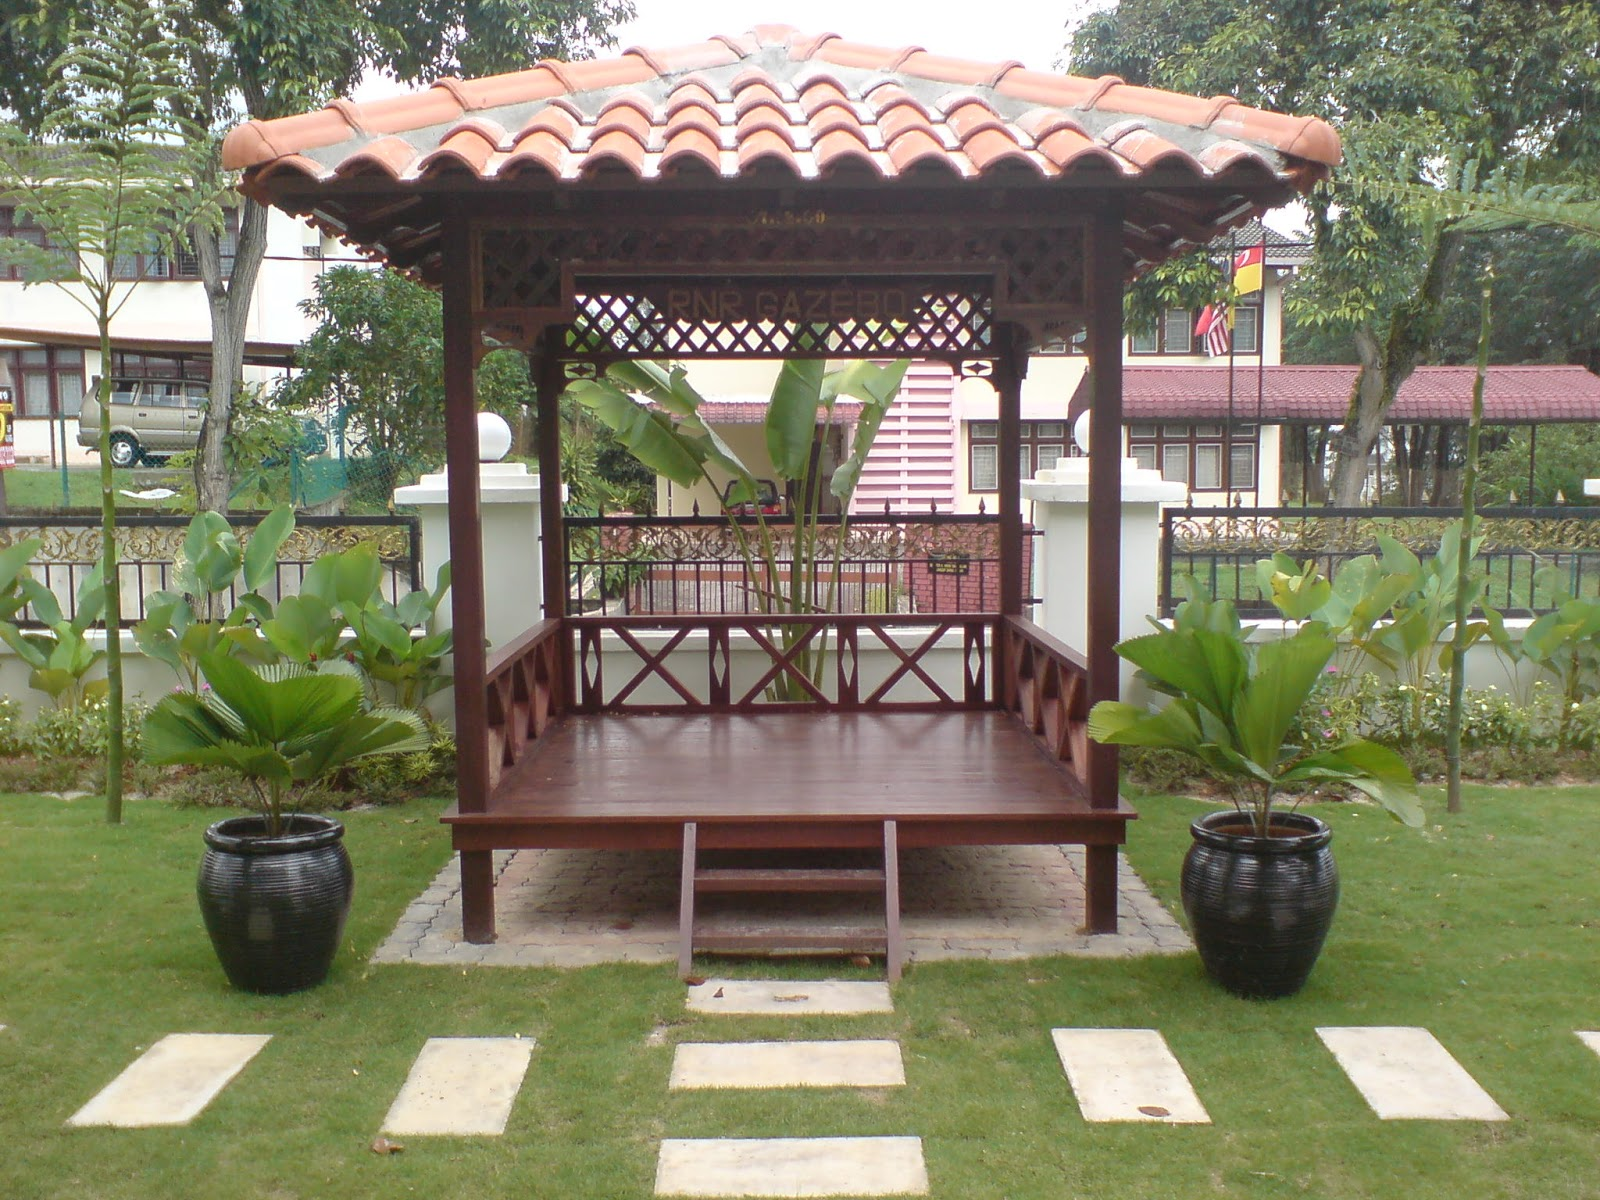 Galerry desain taman kolam dan gazebo